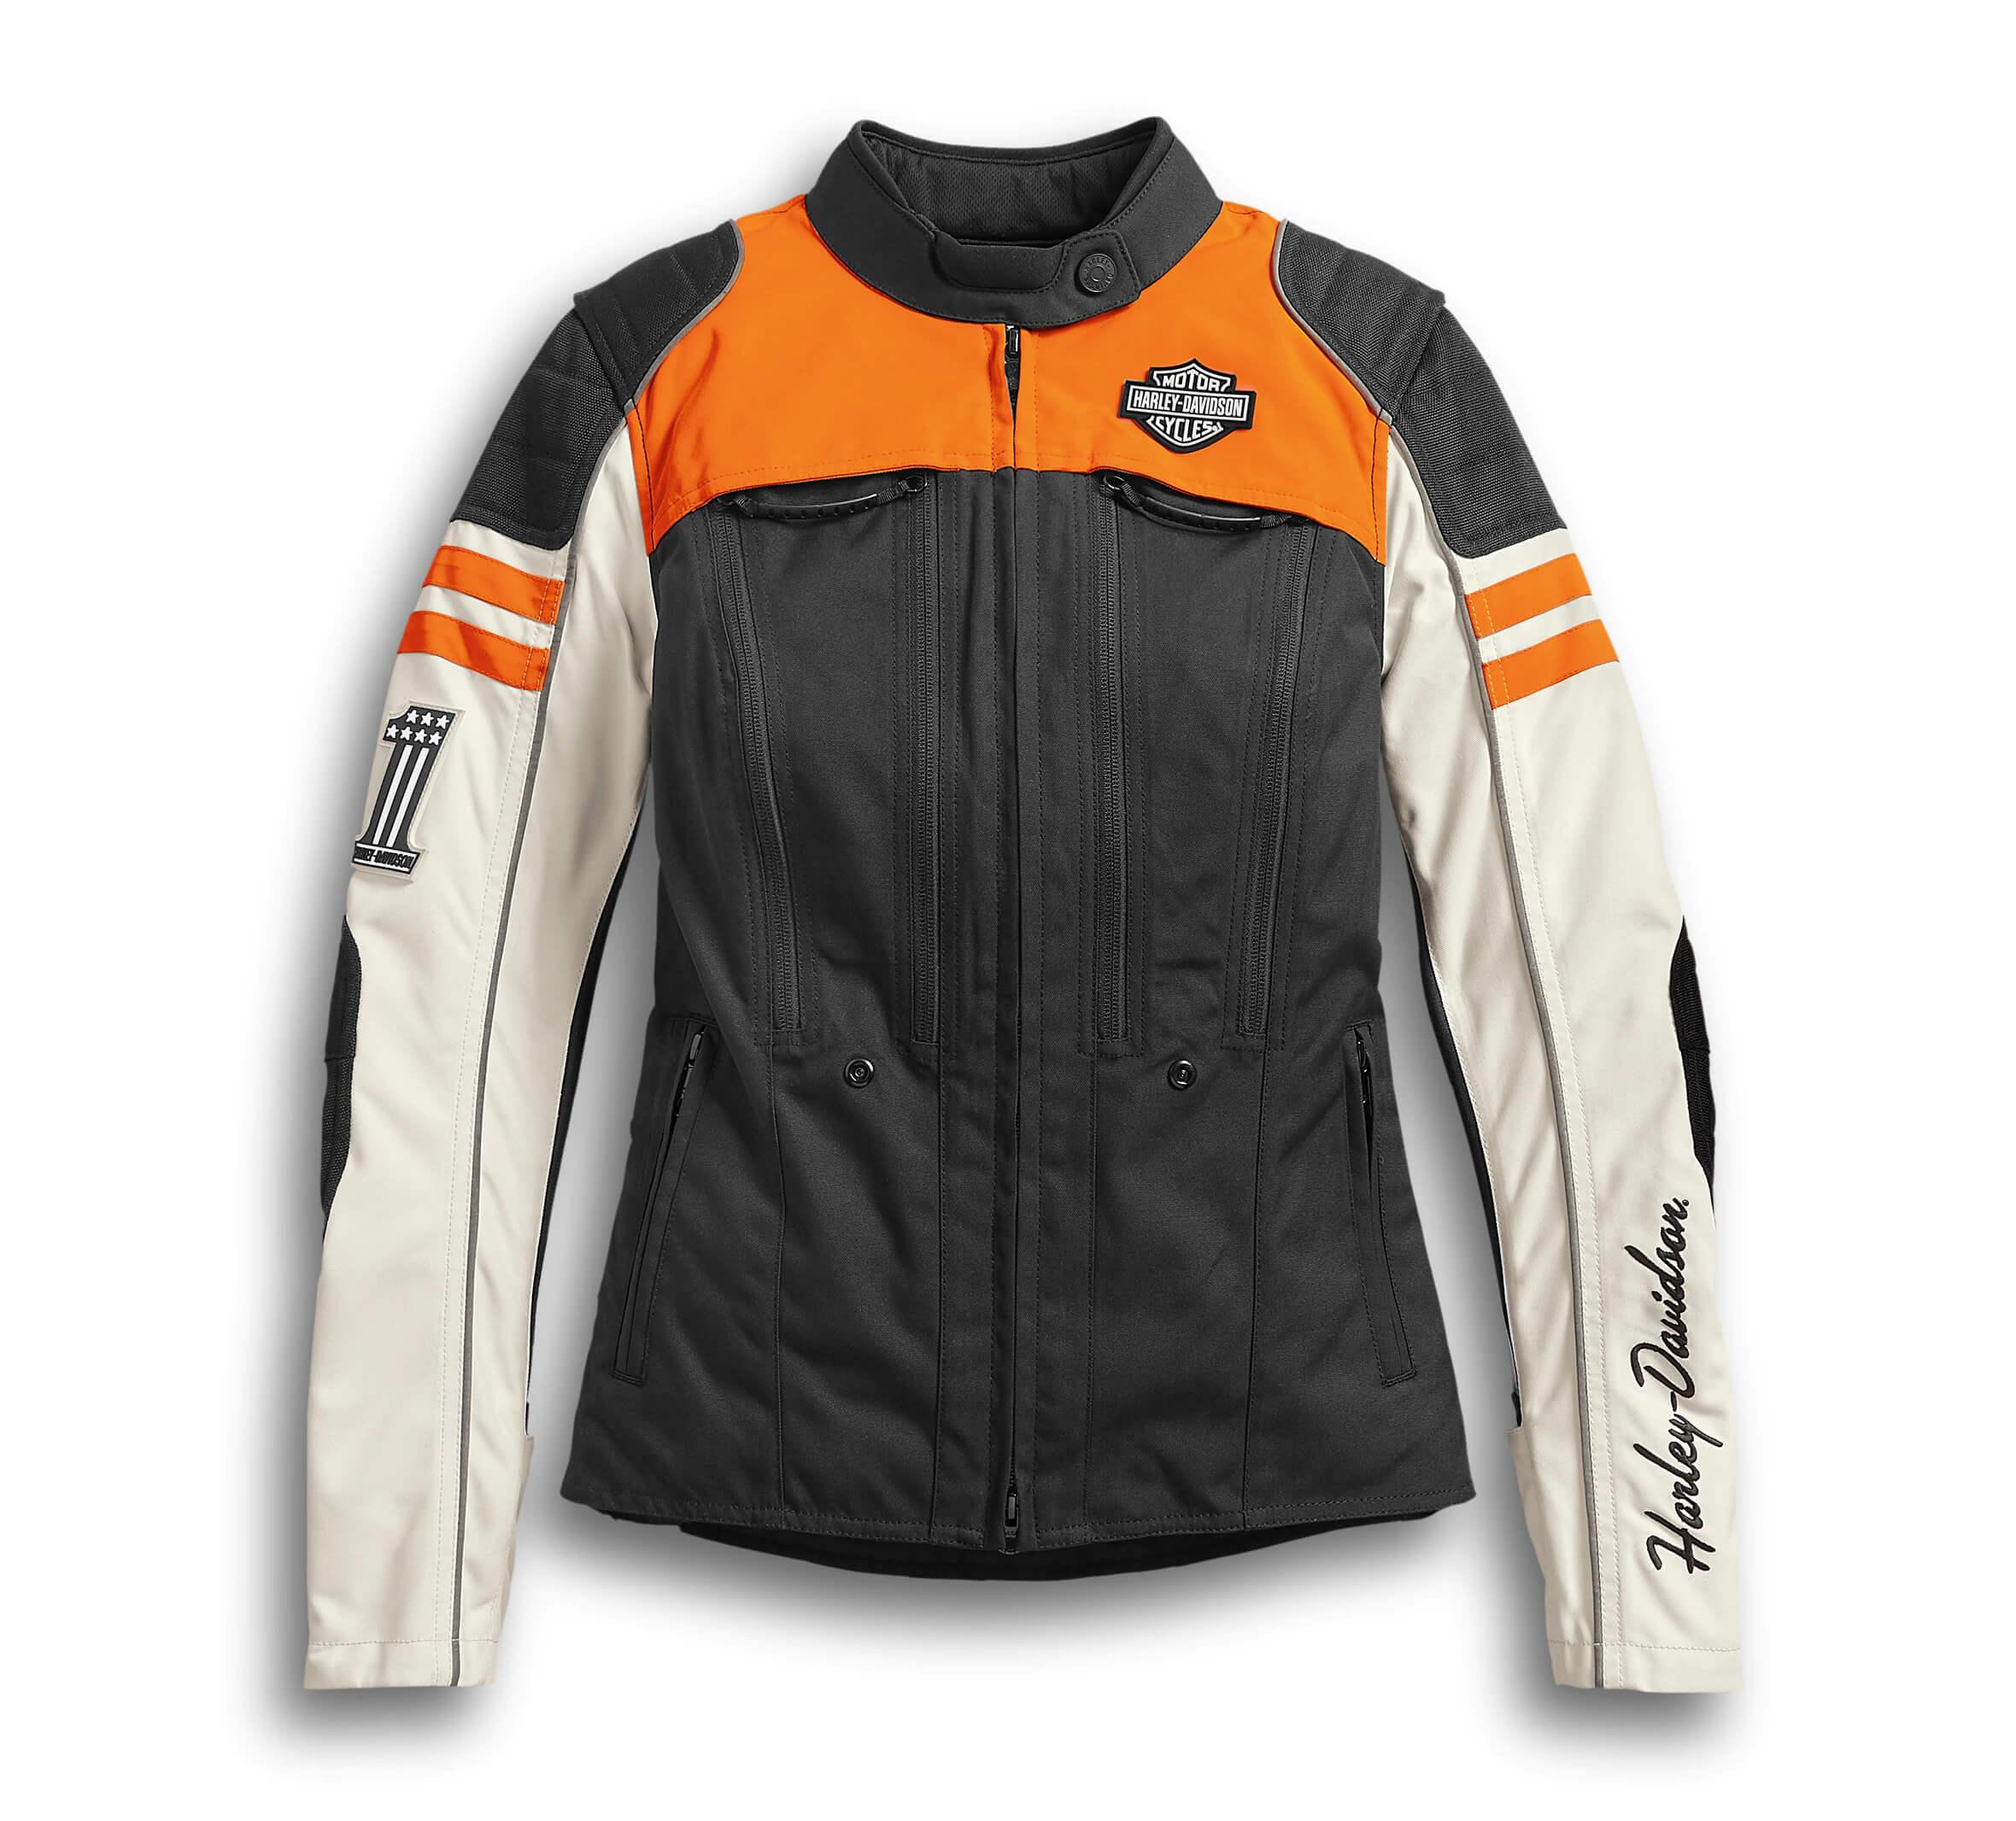 Harley Davidson Riding Leather Jacket